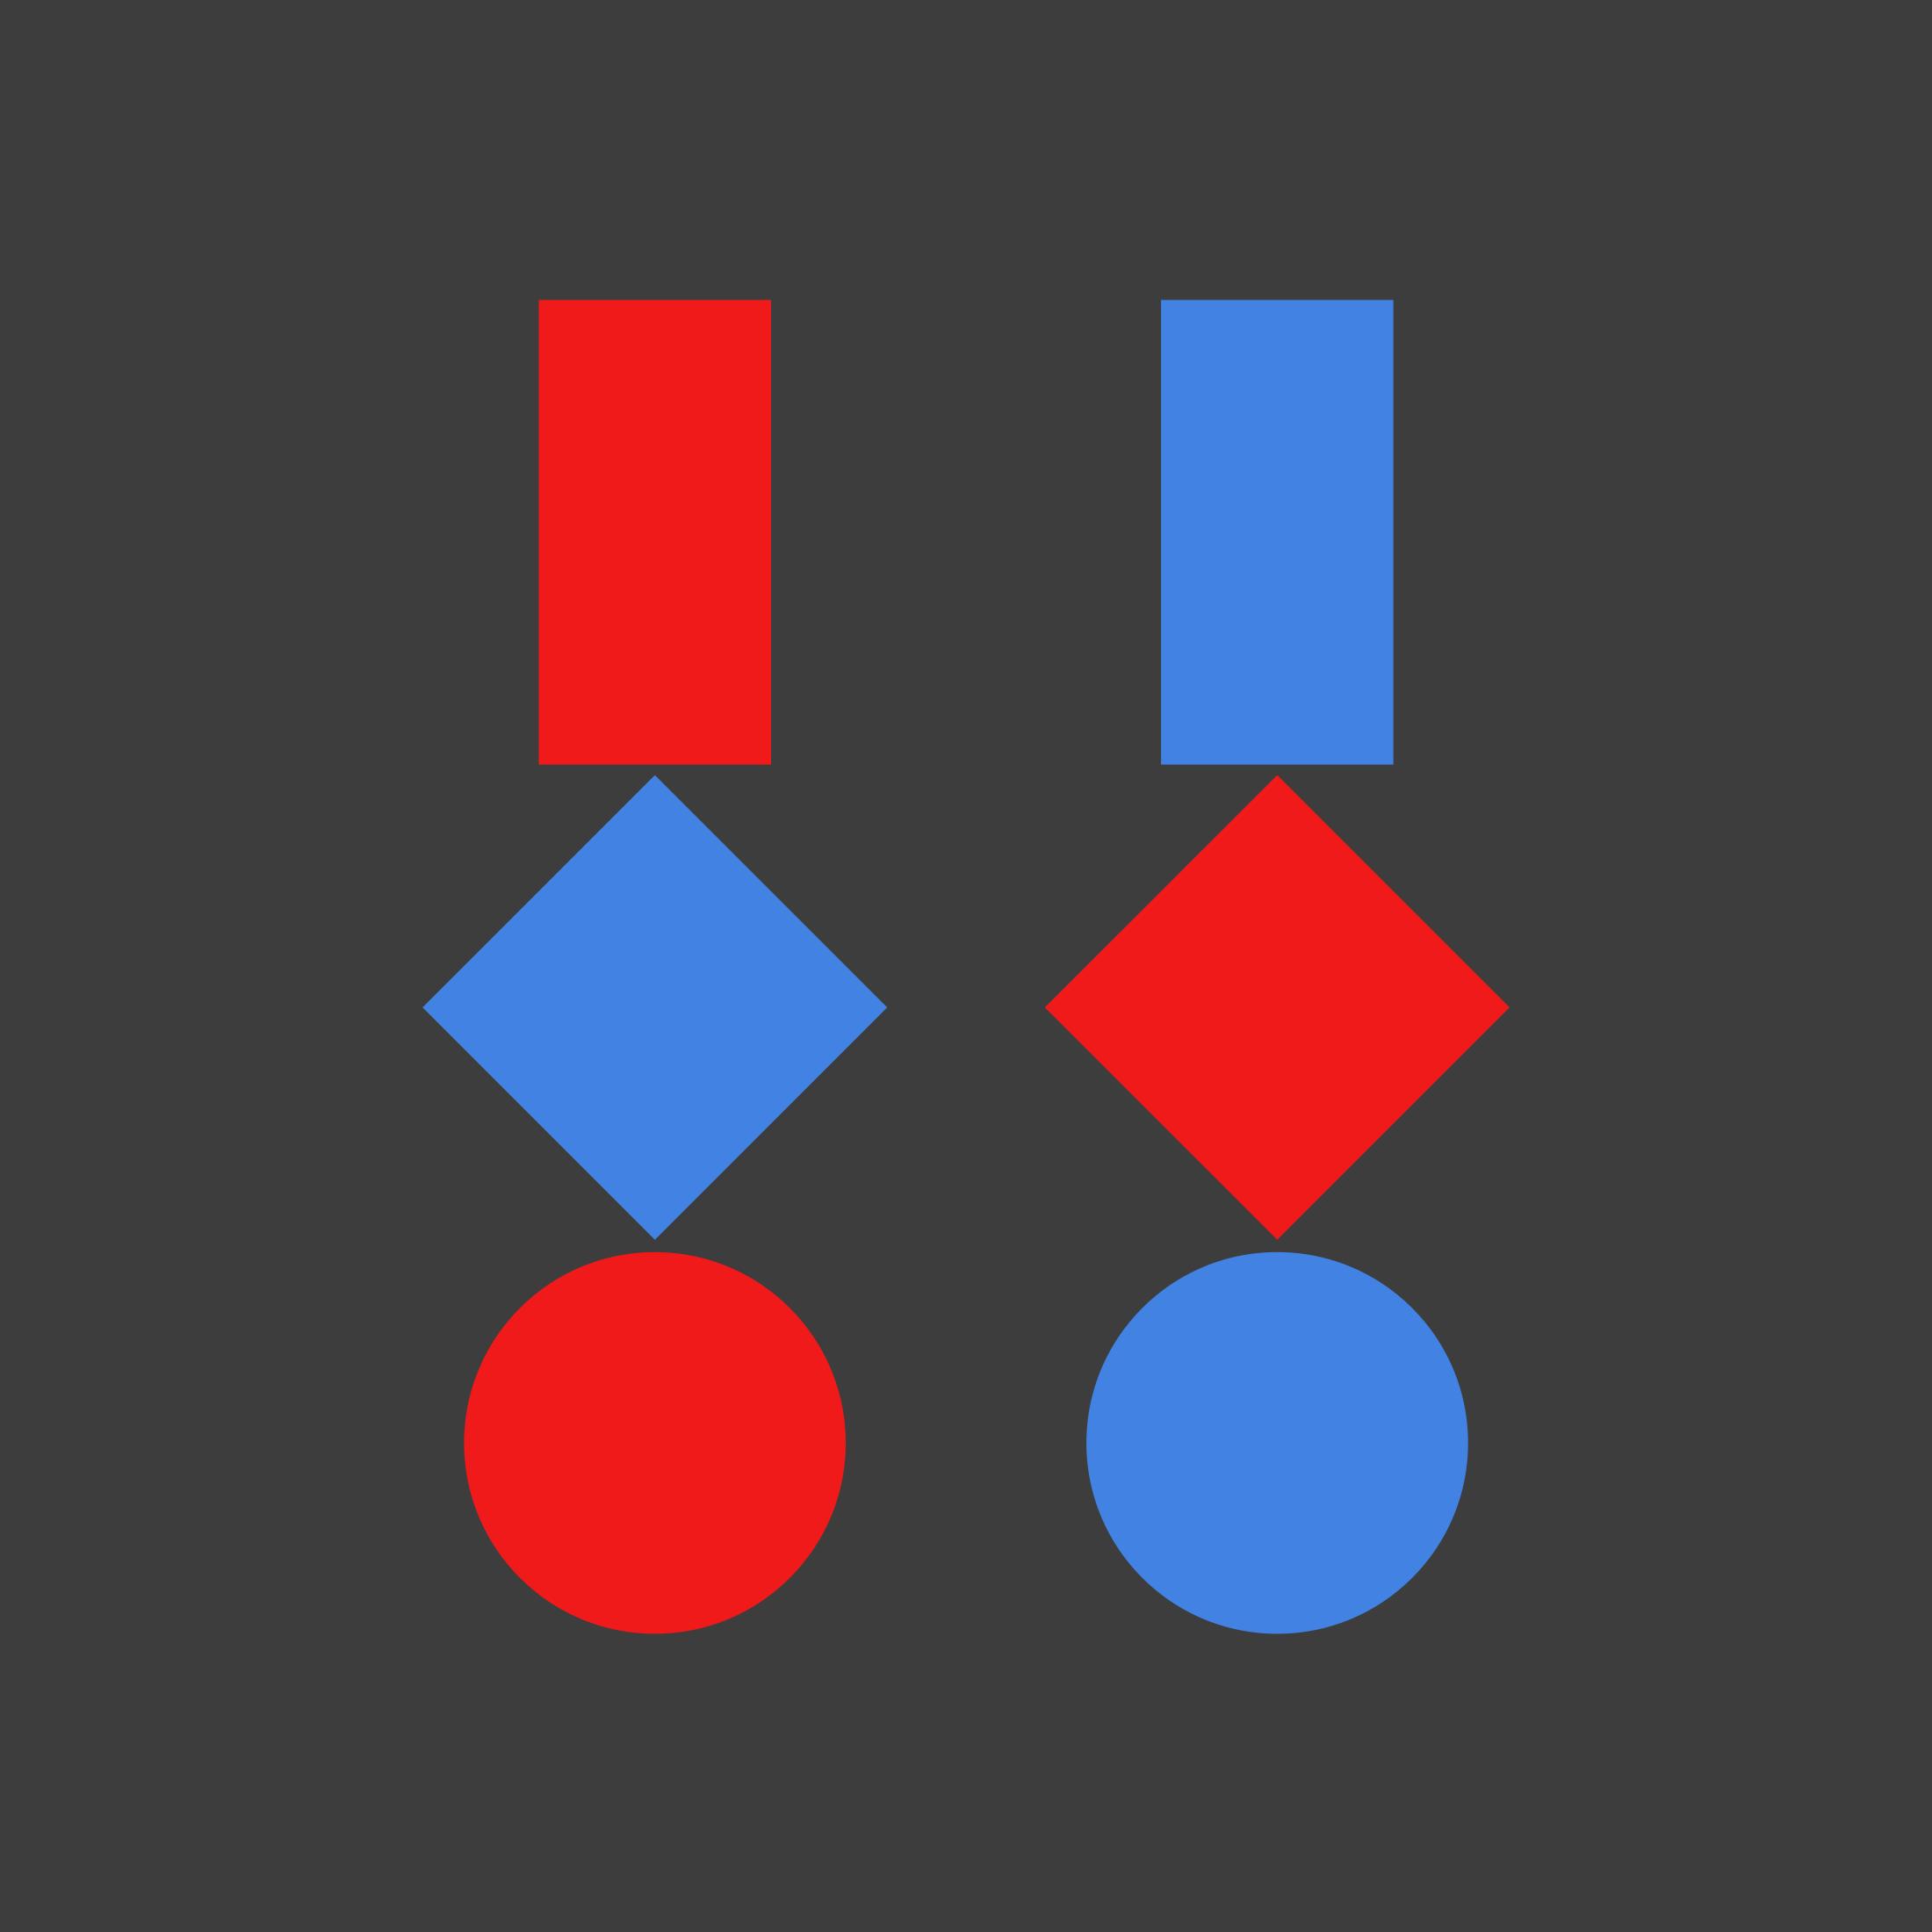 Drei geometrische Figuren · Dunkler Hintergrund